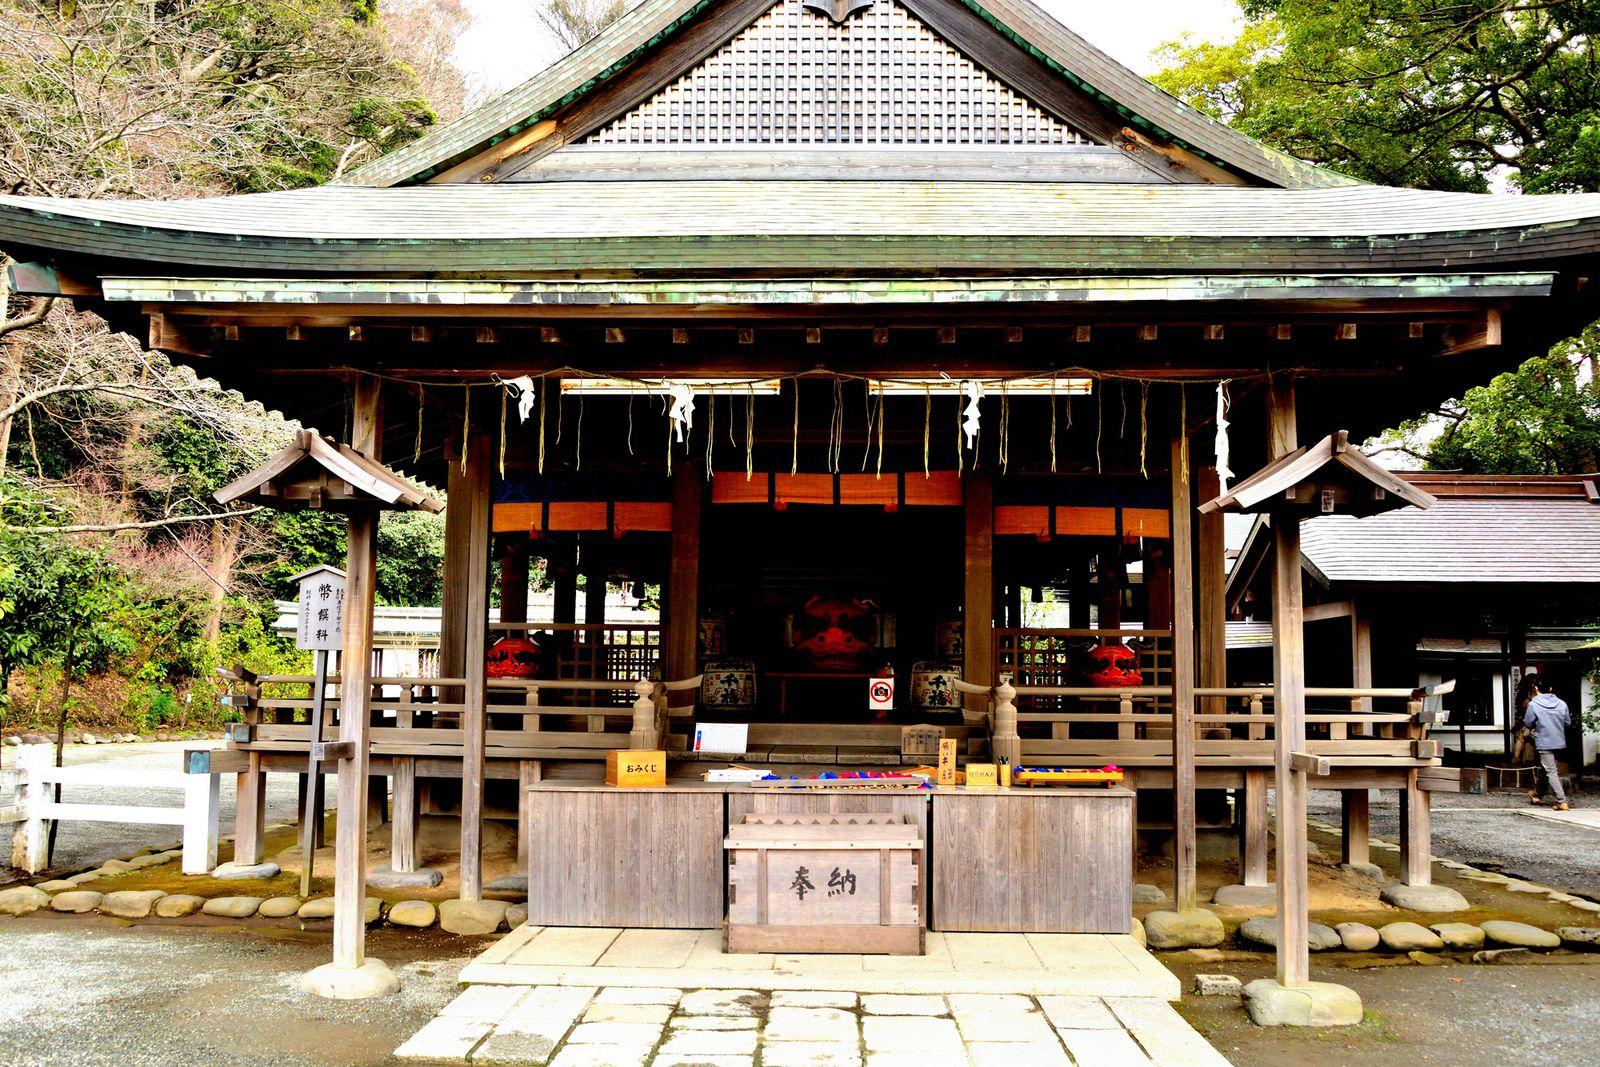 観光で訪れたい人気スポット!鎌倉のおすすめ神社・寺ランキングTOP15 7枚目の画像